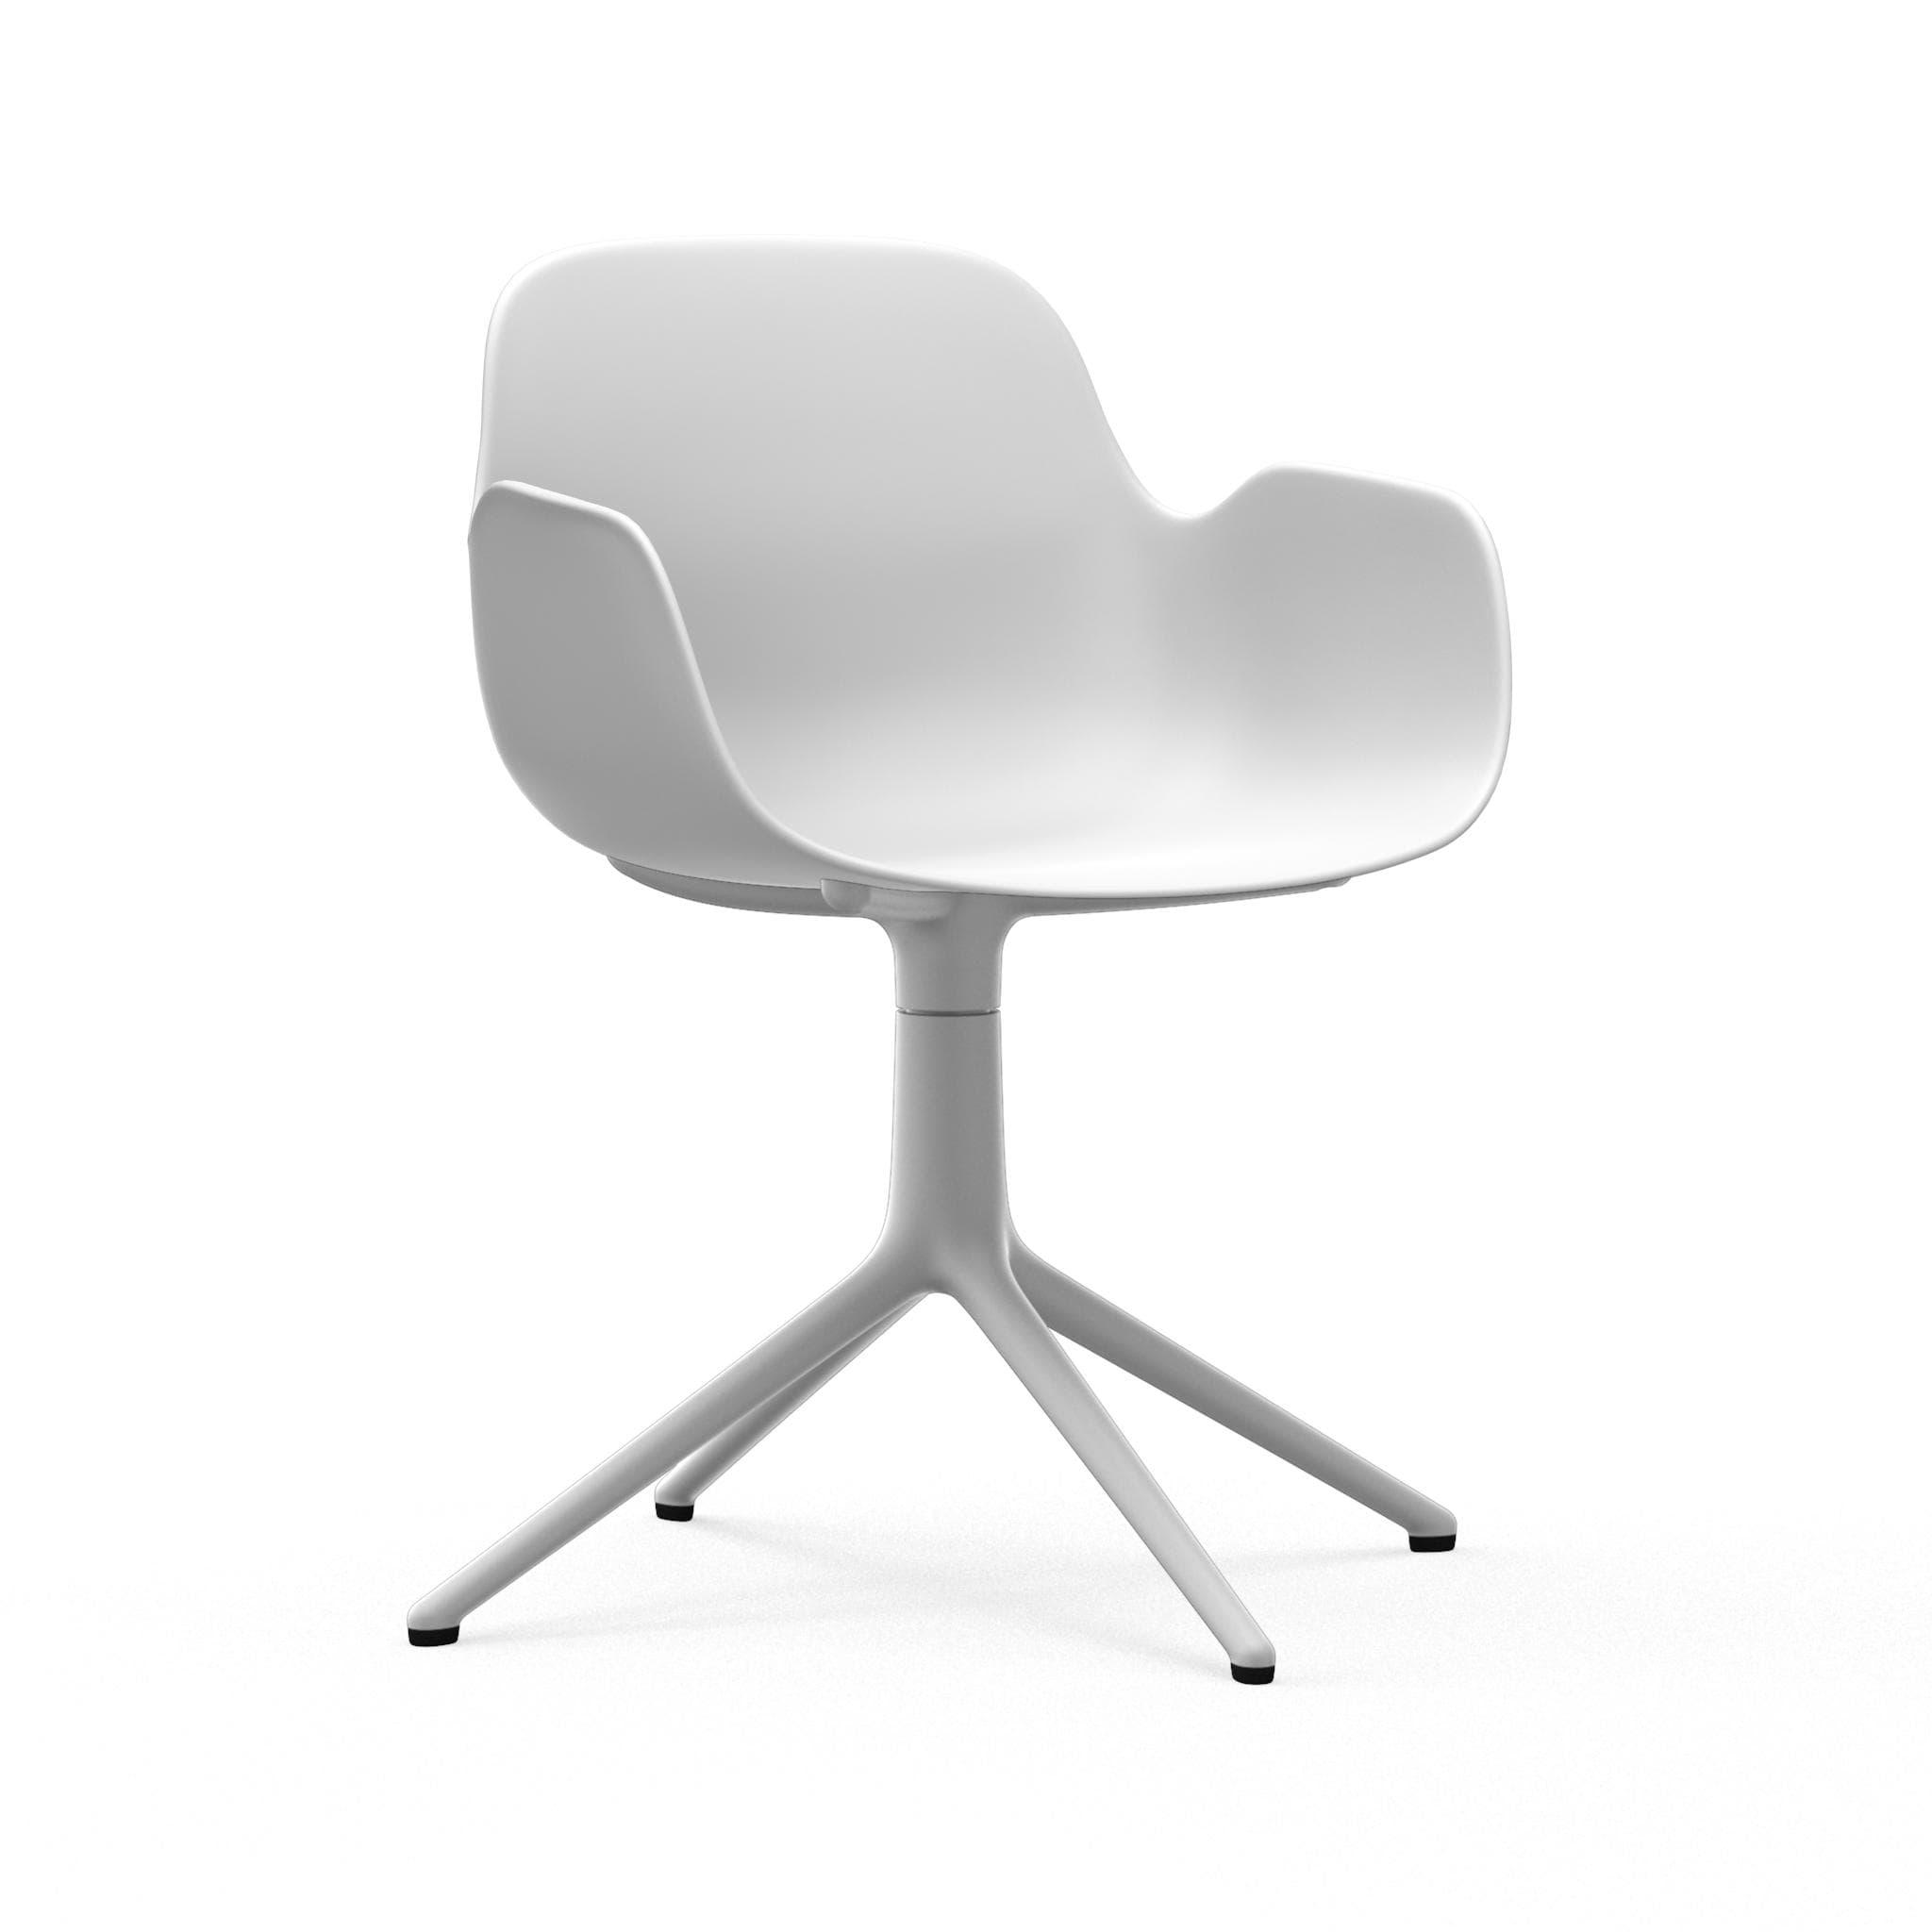 NORMANN COPENHAGEN krzesło obrotowe z podłokietnikami FORM SWIVEL 4L białe